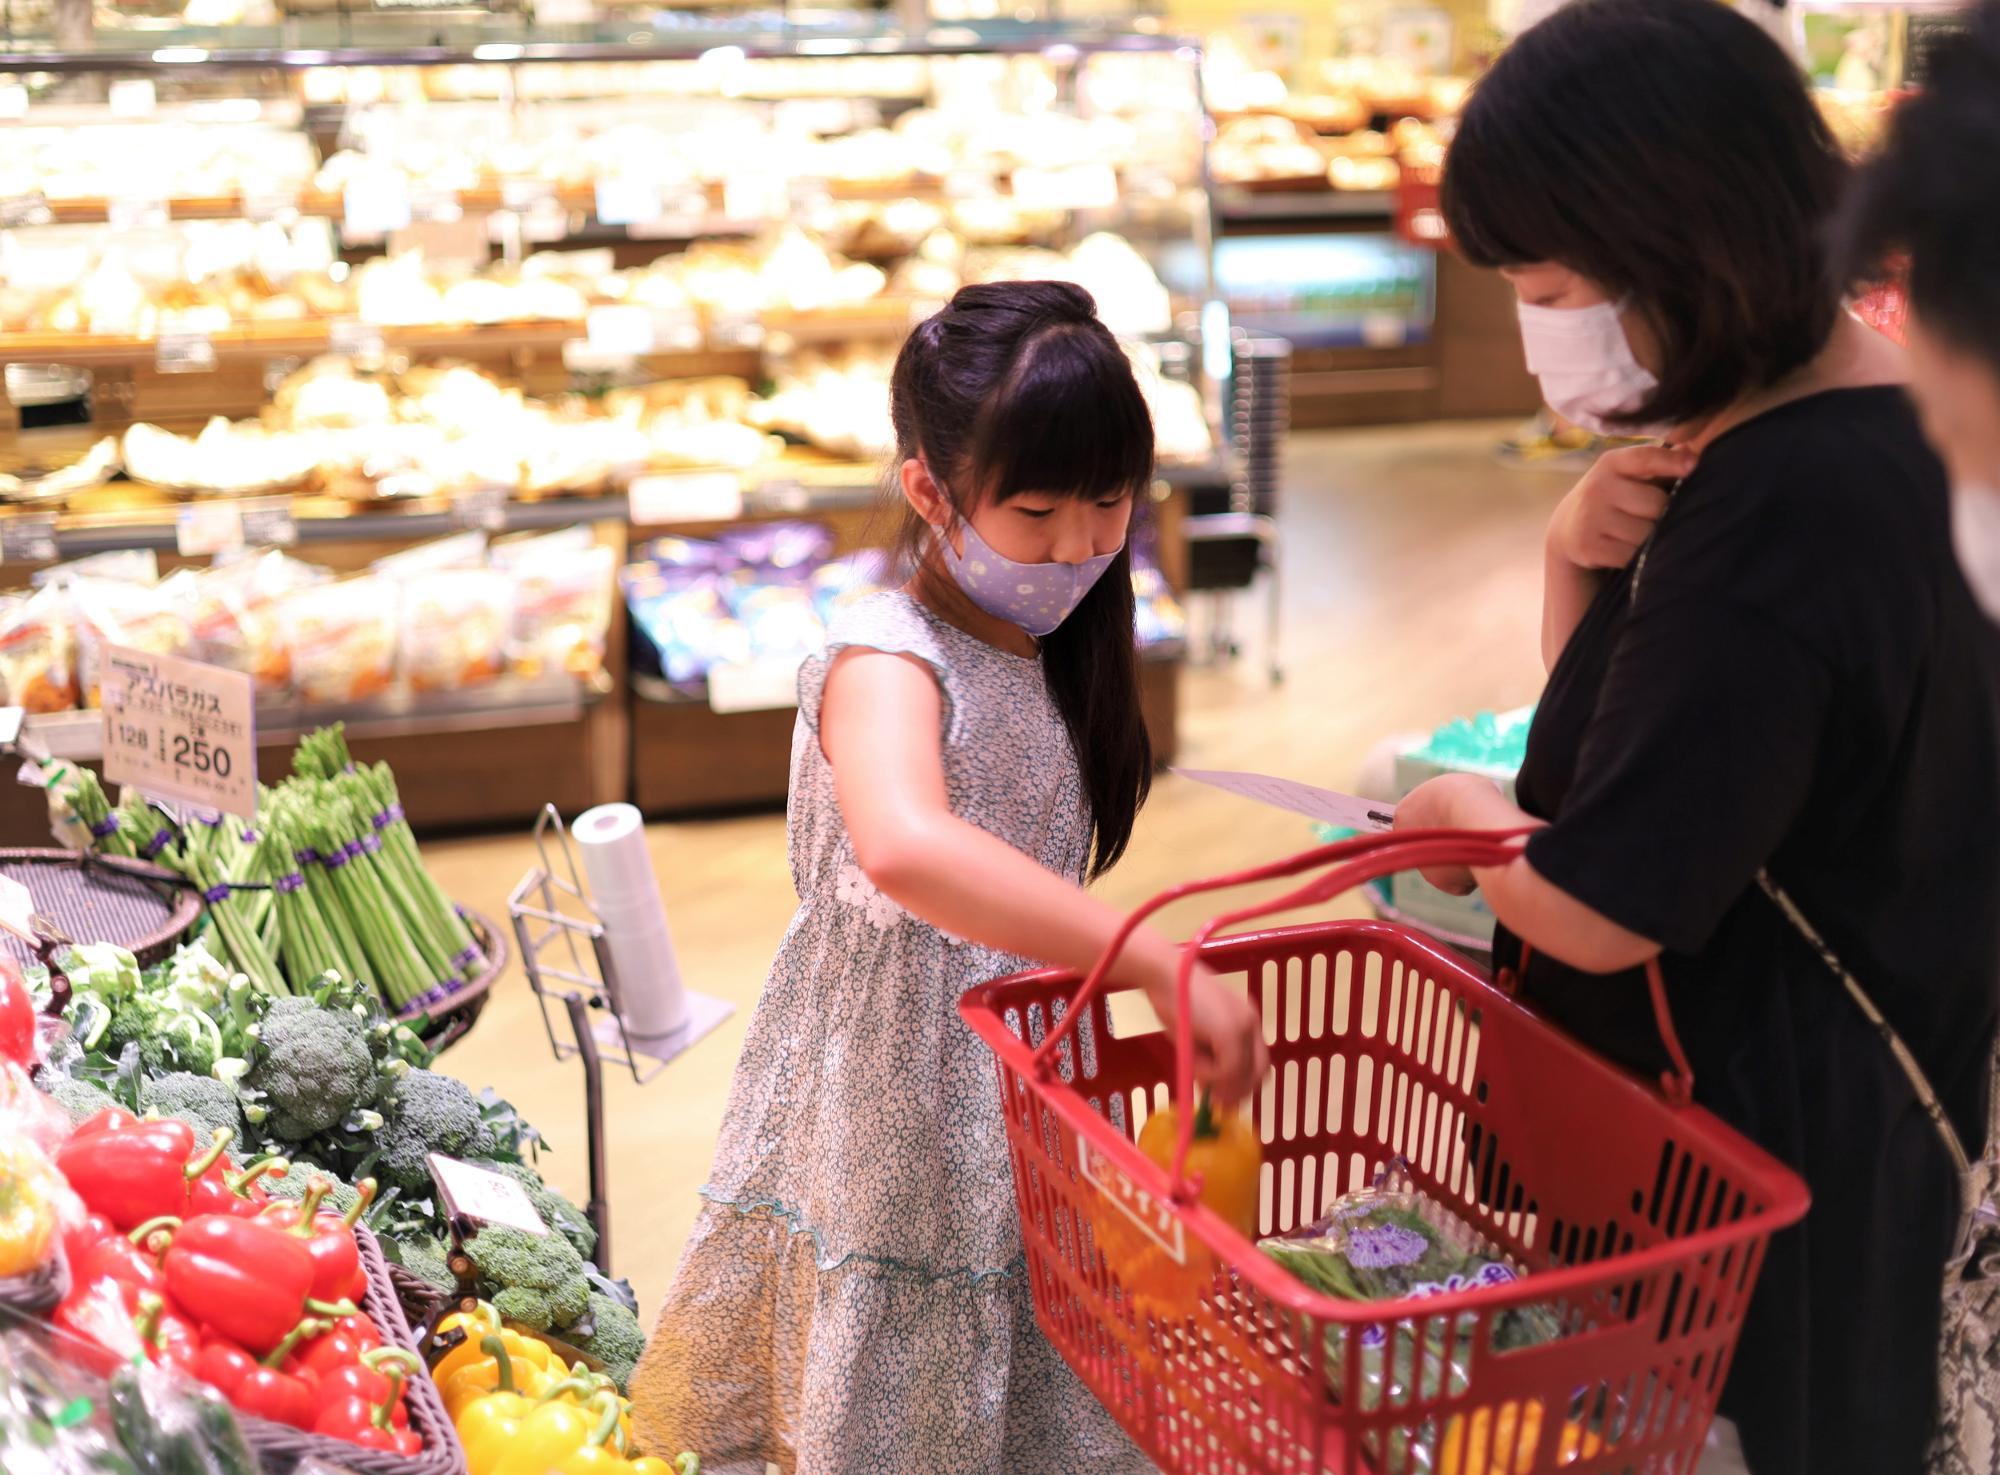 「パプリカは野菜かなー?」と考えながら食材を慎重に選択。